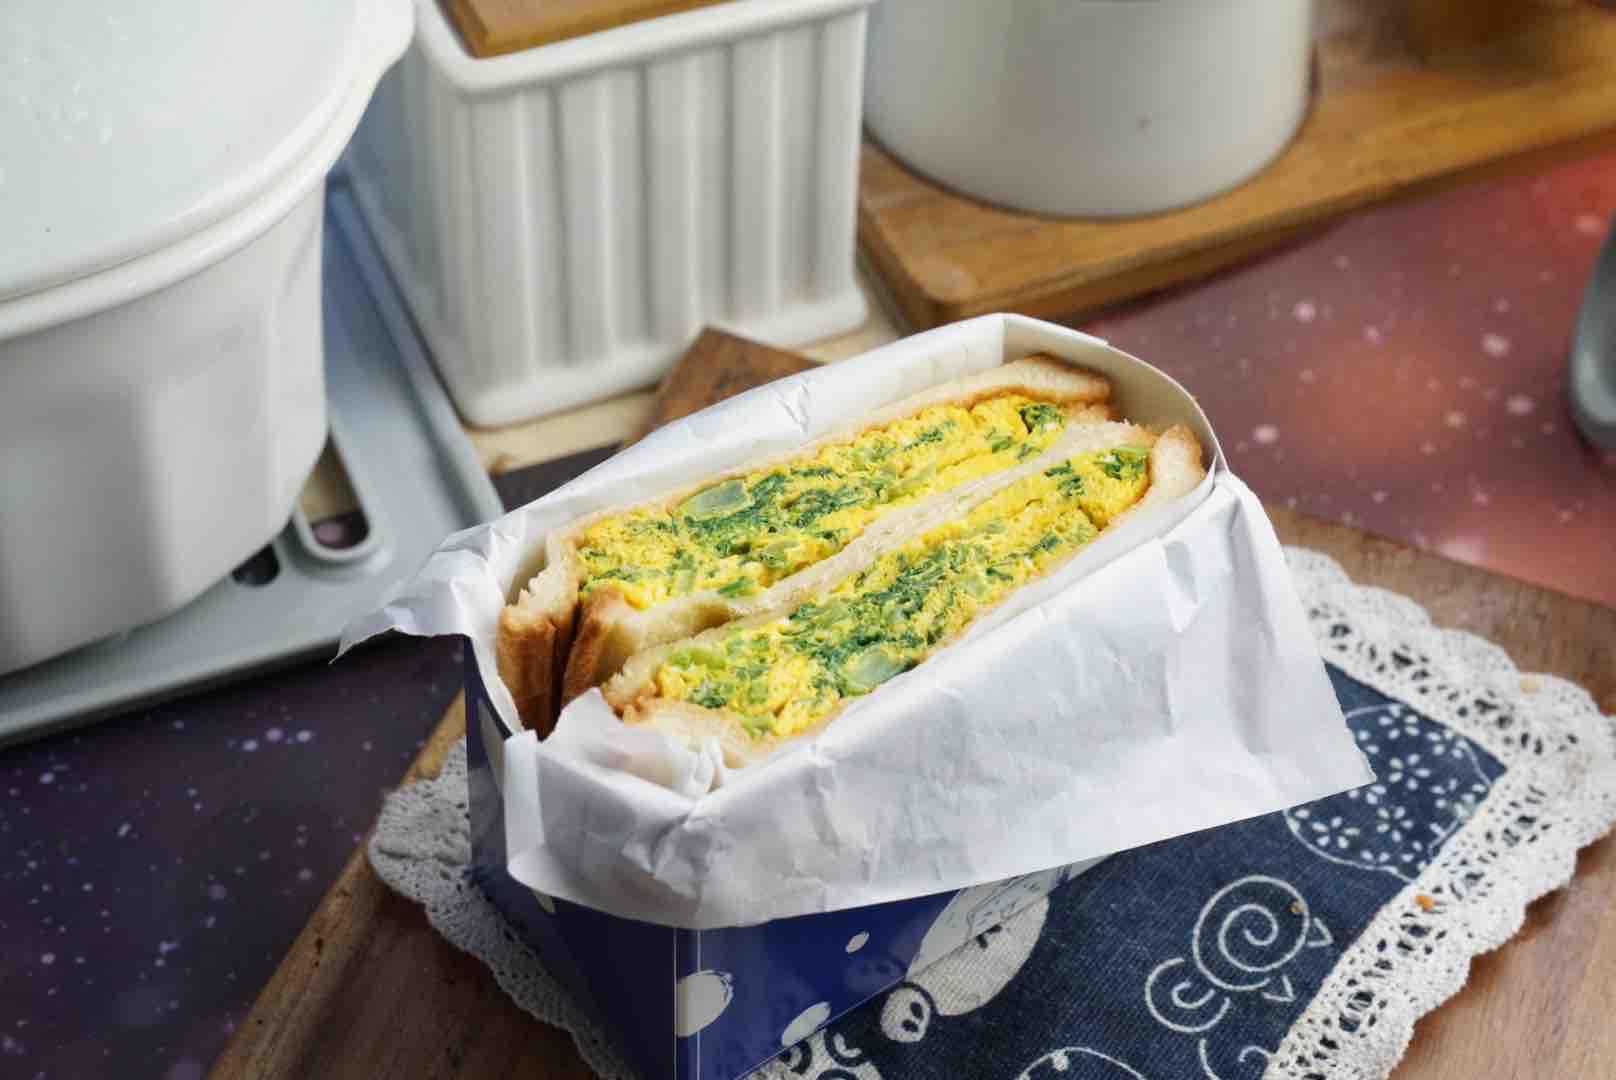 青菜鸡蛋三明治成品图